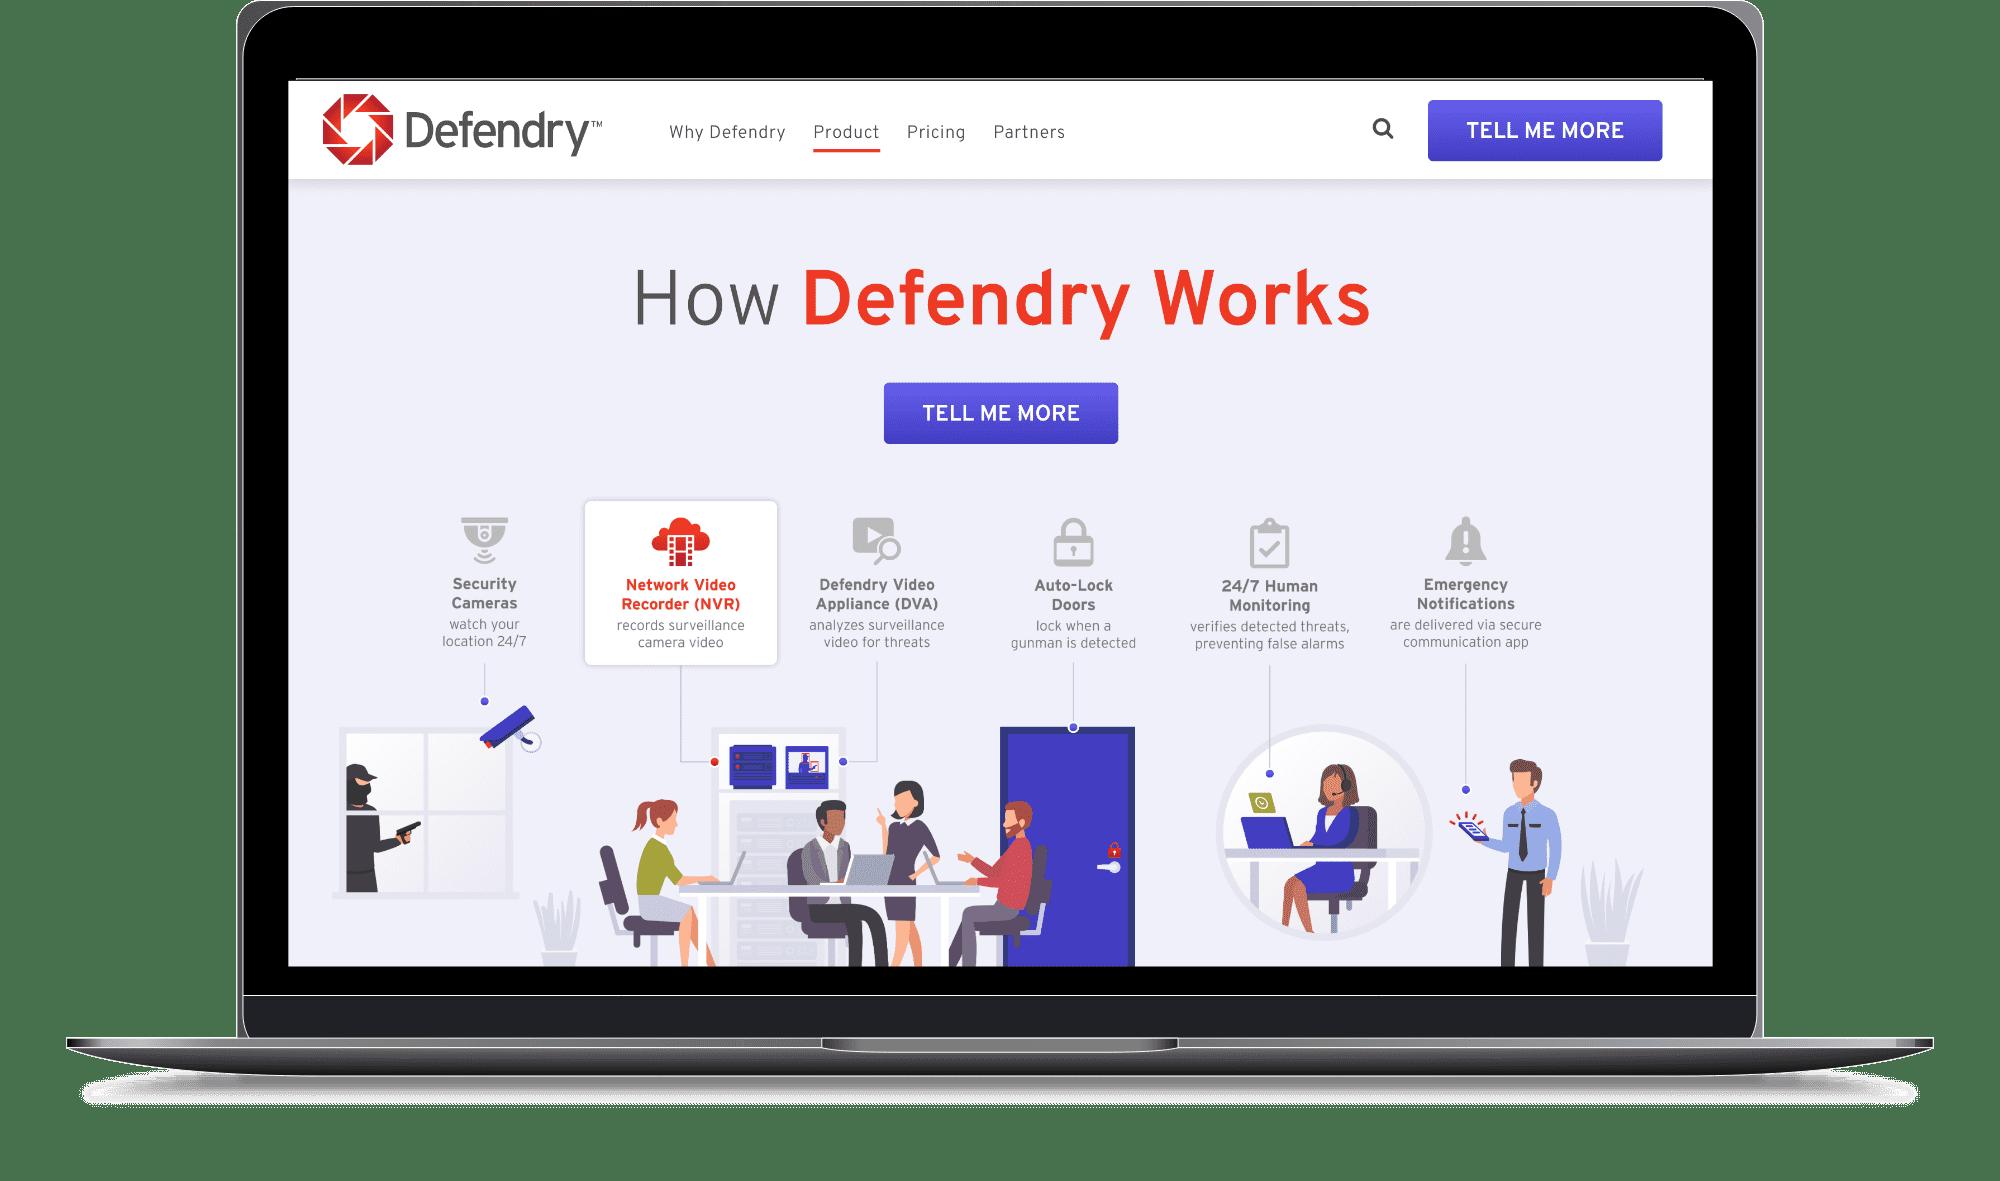 Defendry Case Study